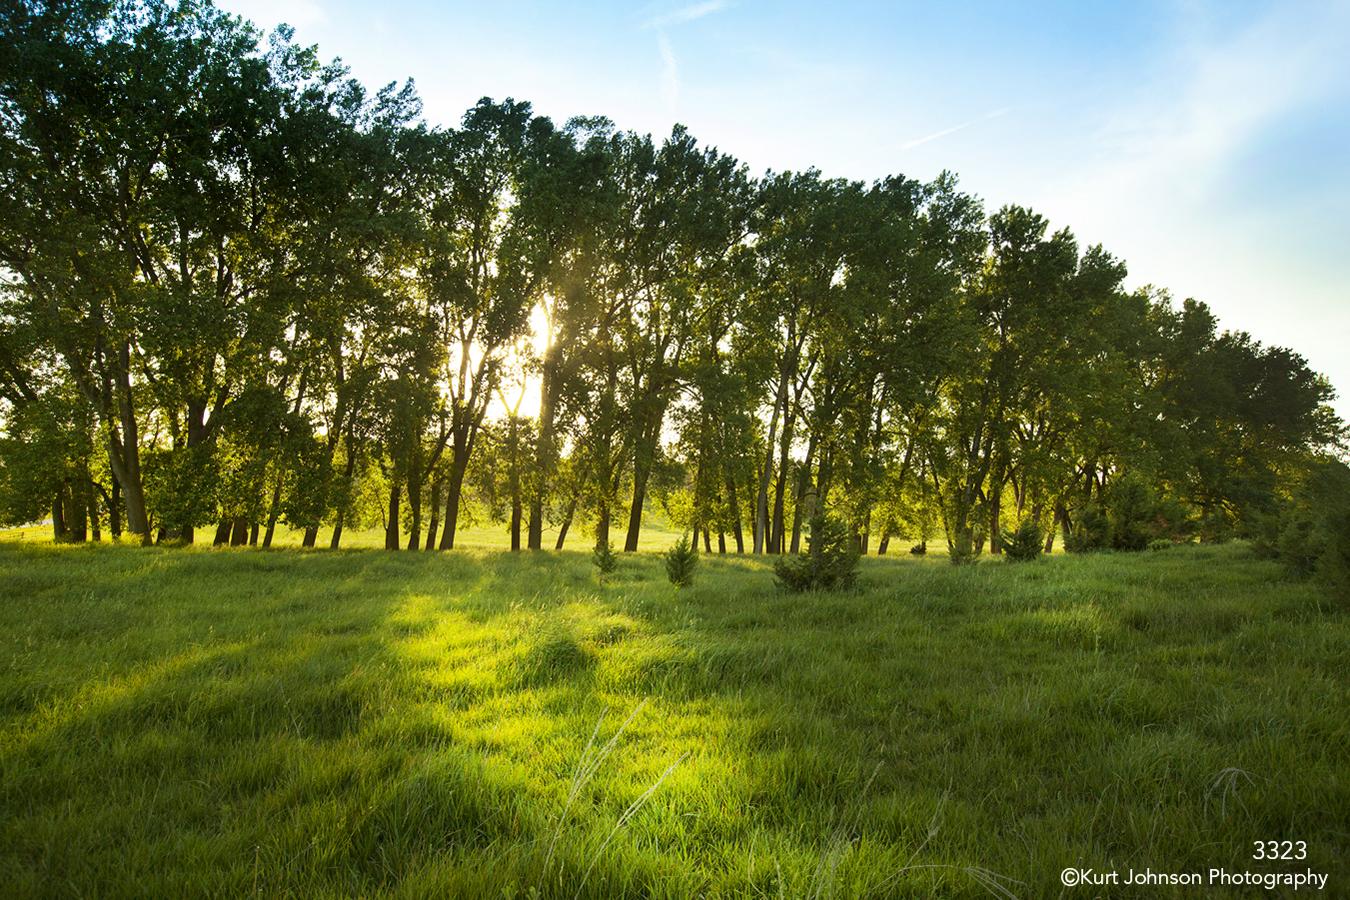 landscape trees sunset green grasses